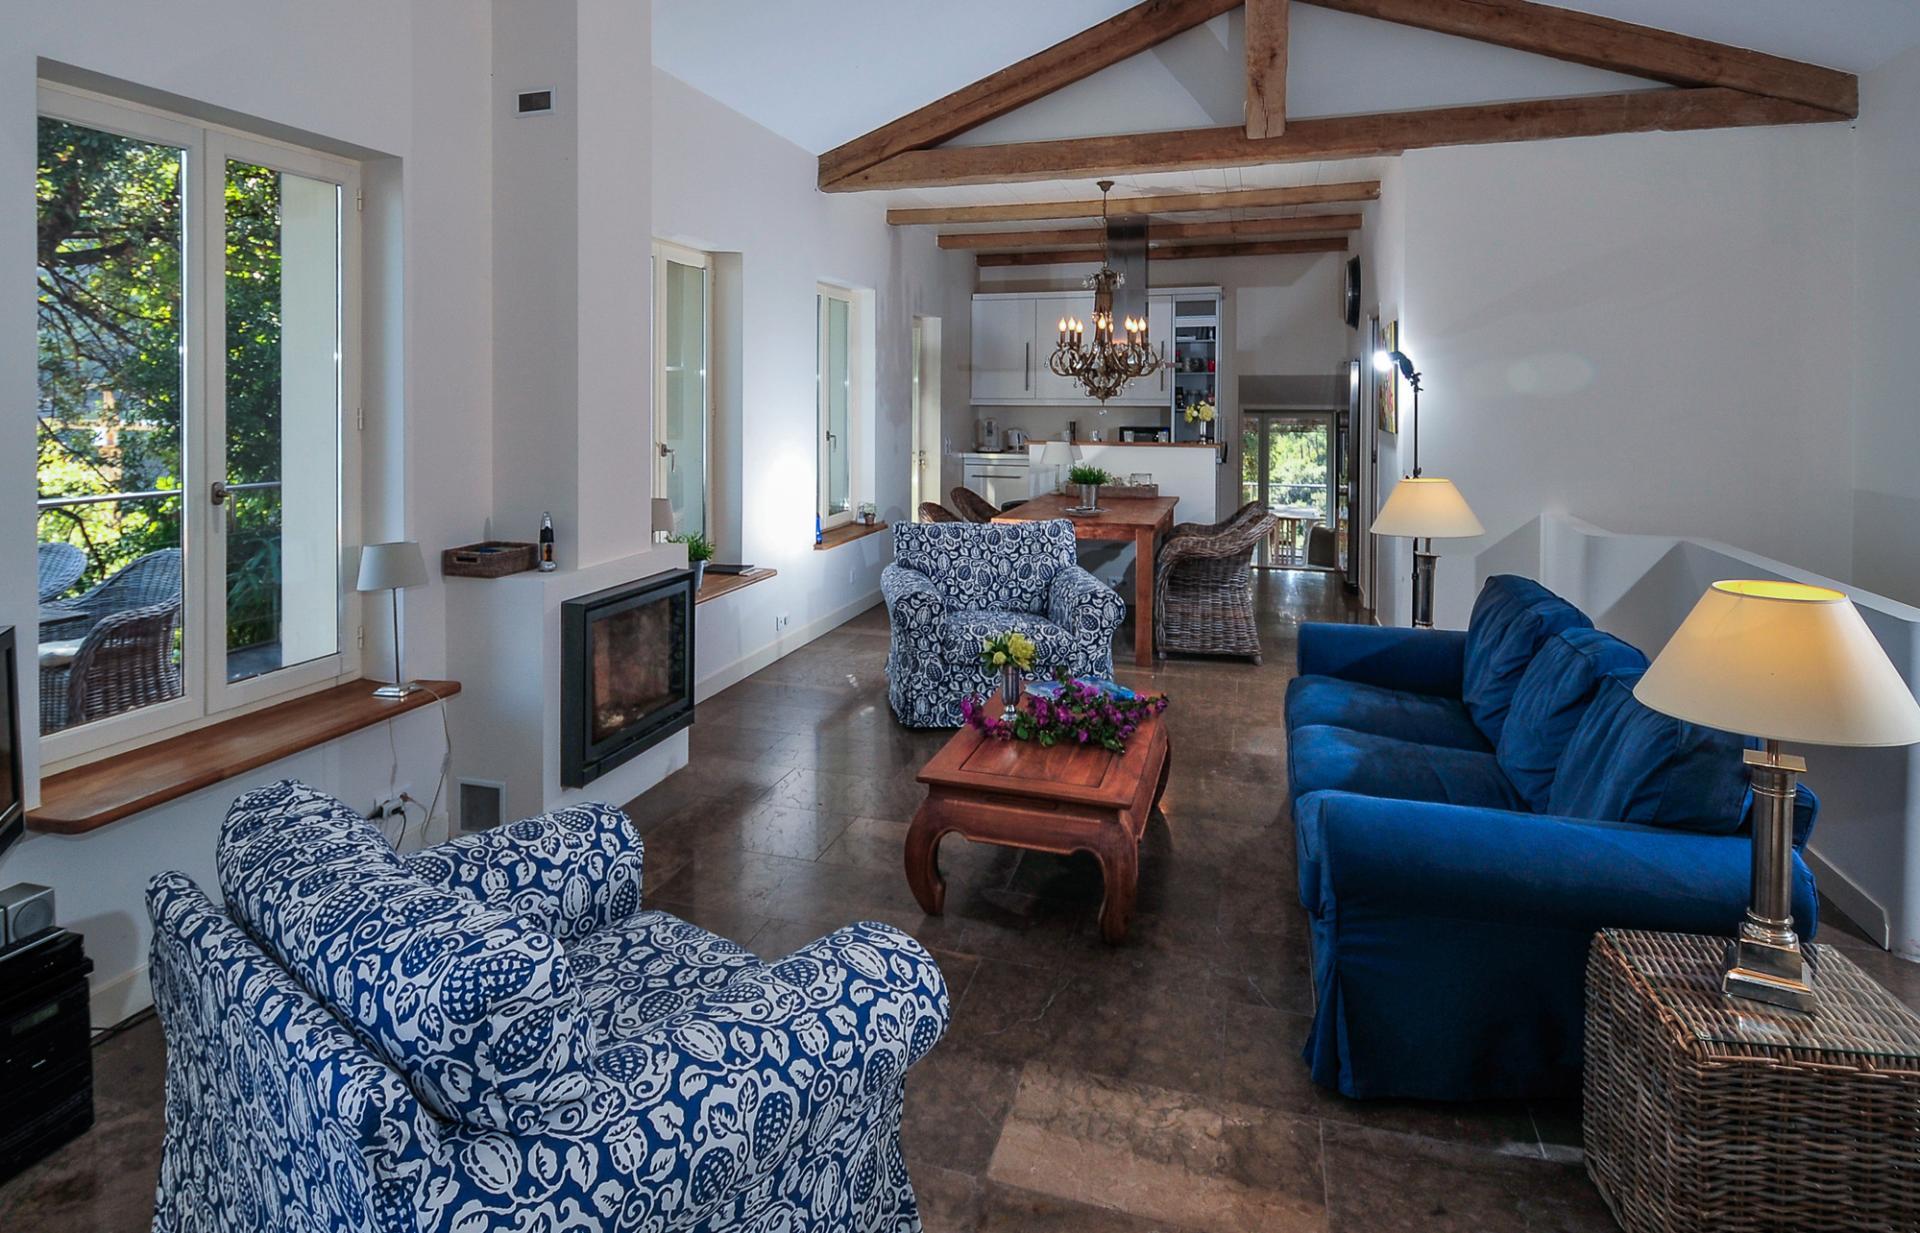 Living Room 2, La Cachette, Theoule-sur-mer, Cote d'Azur.